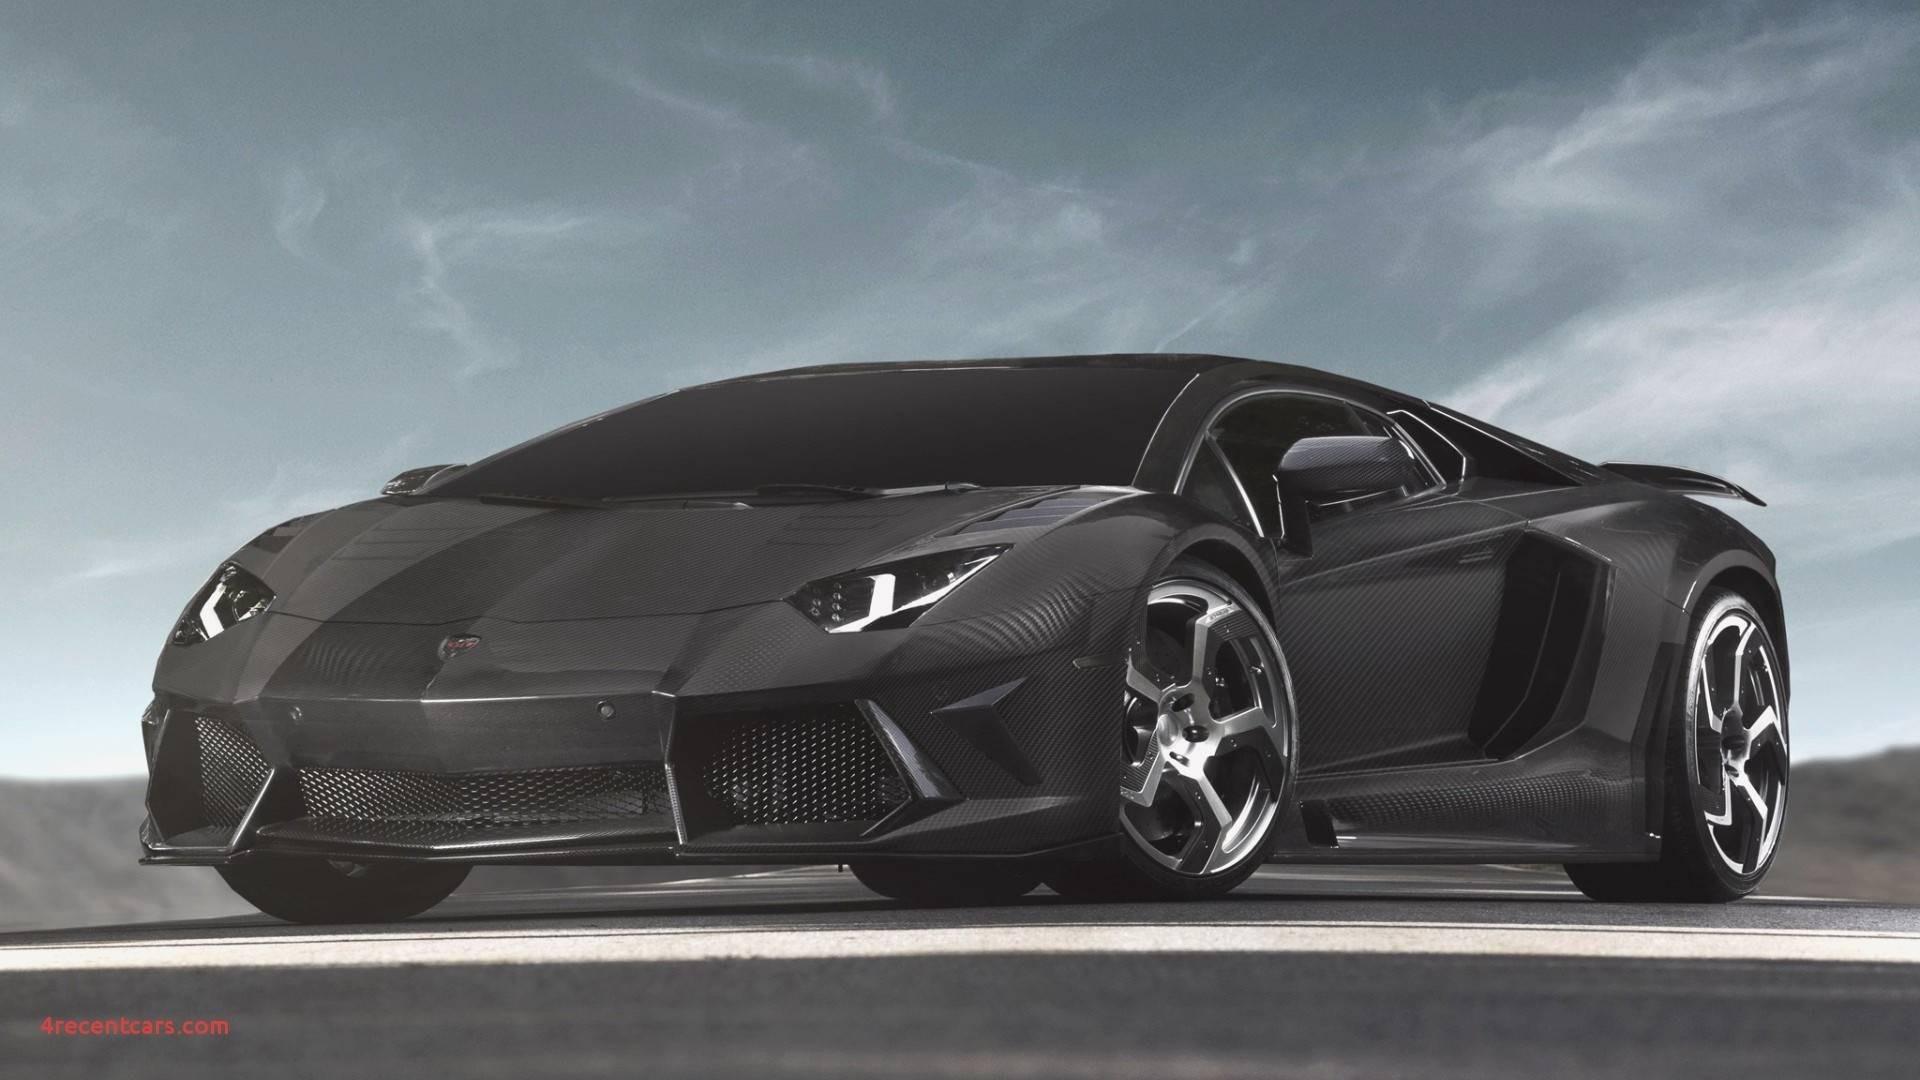 Auto Ausmalbilder Zum Ausdrucken Genial 25 Liebenswert Ausmalbilder Zum Ausdrucken Lamborghini Bild